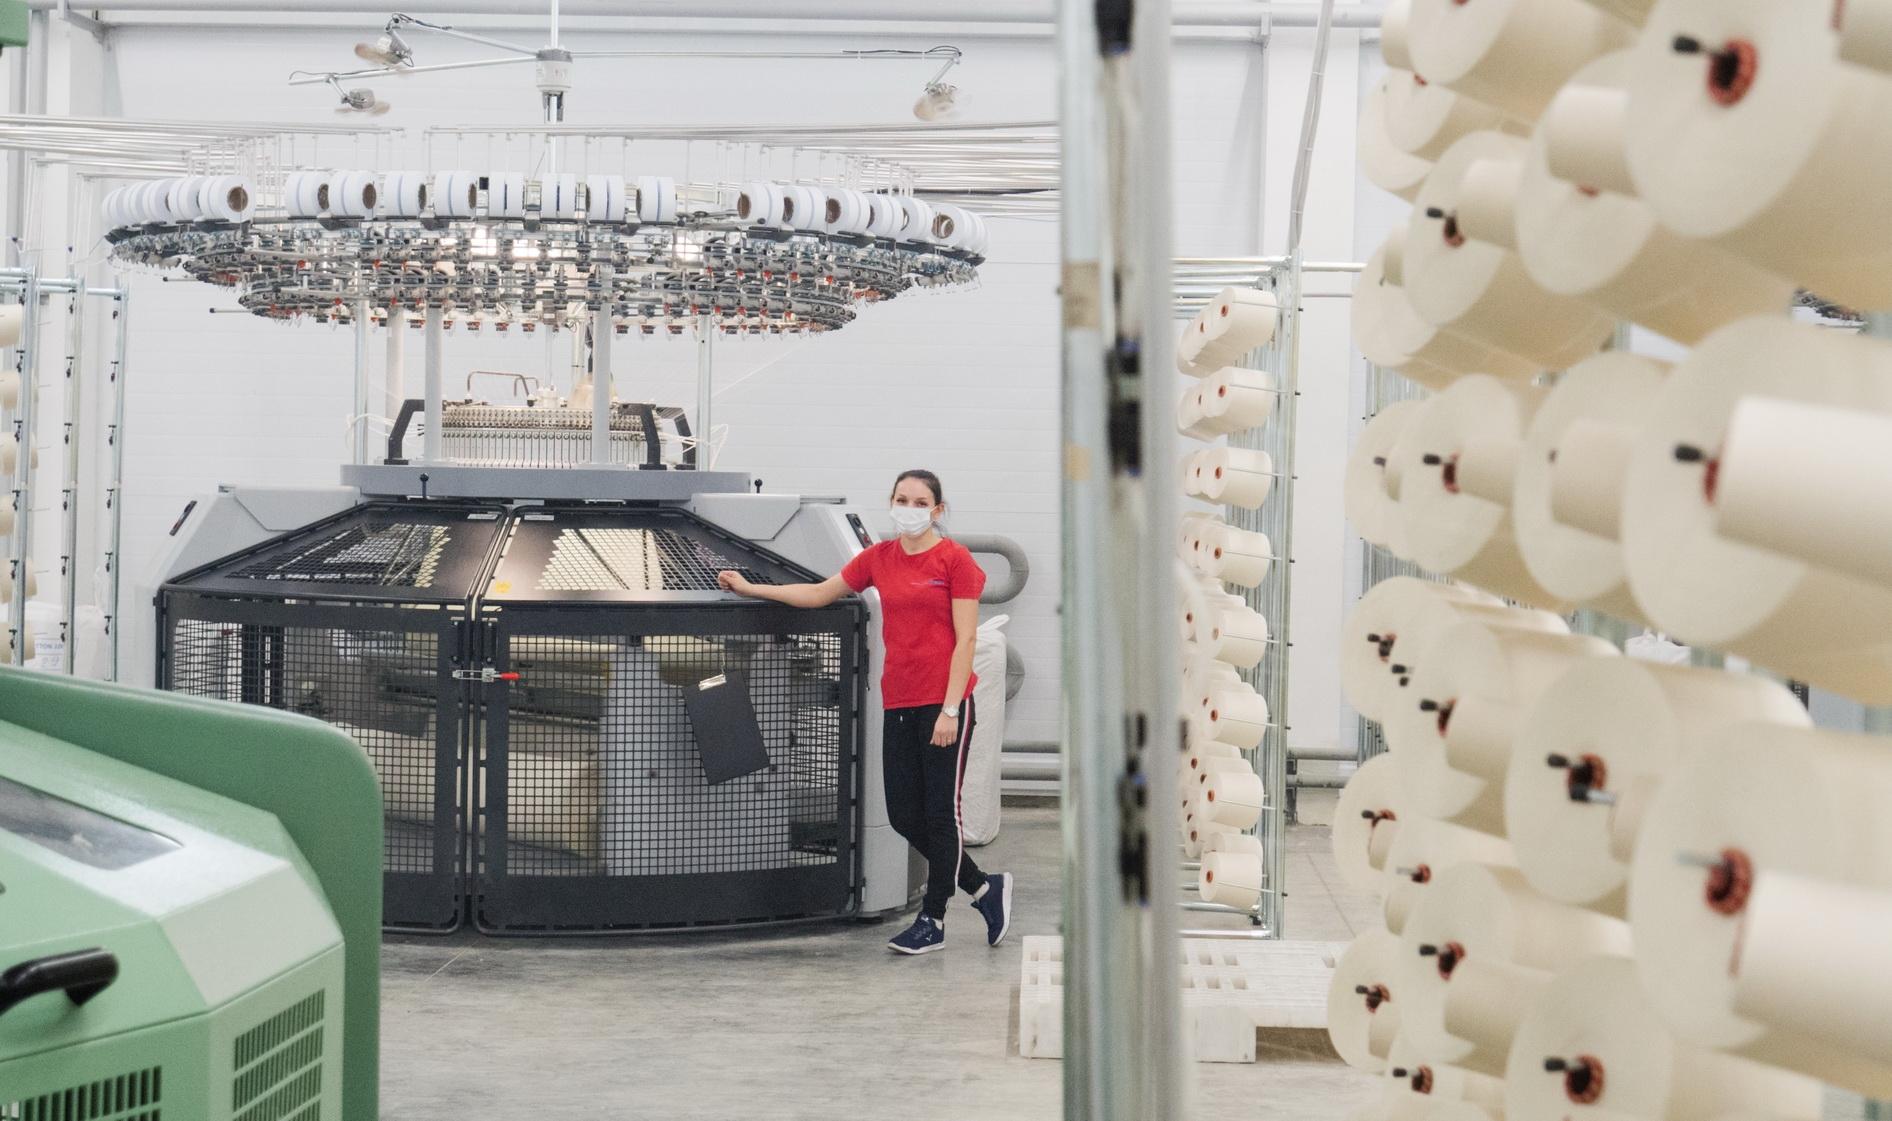 К концу 2020 года в ивановском регионе завершены три масштабных текстильных проекта